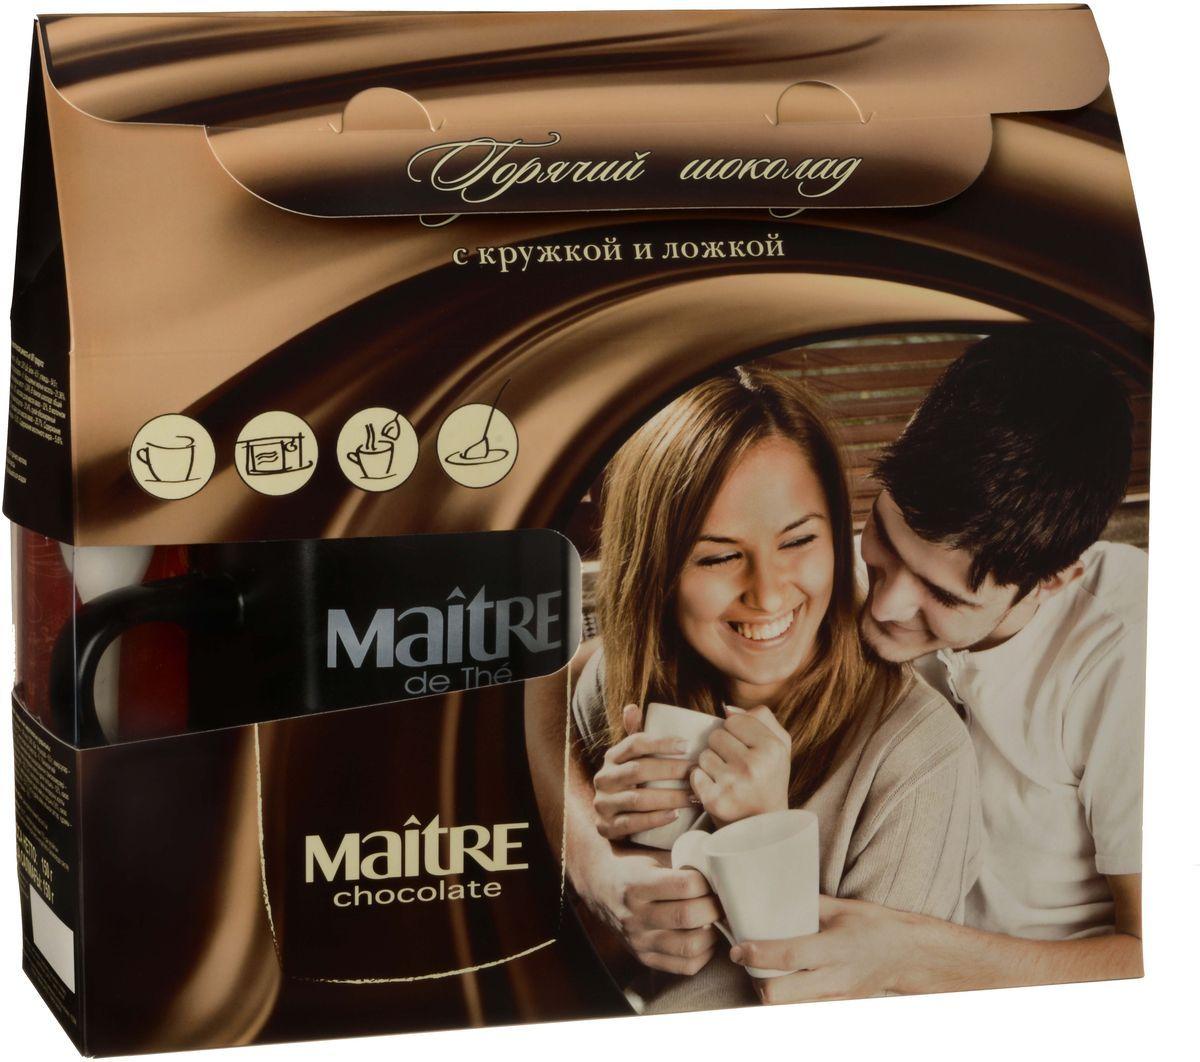 Maitre горячий шоколад, 150 г0120710Подарочный набор Горячий шоколад включает:- Молочный шоколад для разведения в горячем молоке с кокосовой крошкой (в составе 32% какао масла, наполнитель - кокосовая стружка);- Молочный шоколад для разведения в горячем молоке с пряной корицей (в составе 32% какао масла, наполнитель - корица молотая);- Темный шоколад для разведения в горячем молоке со вкусом кофе (в составе 52% какао масла, наполнитель - обжаренные кофейные зёрна);- Керамическая кружка с керамической ложкой.Способ приготовления: Ложку с шоколадом растворить в 200 мл горячего молока. Перемешать для получения однородной массы.